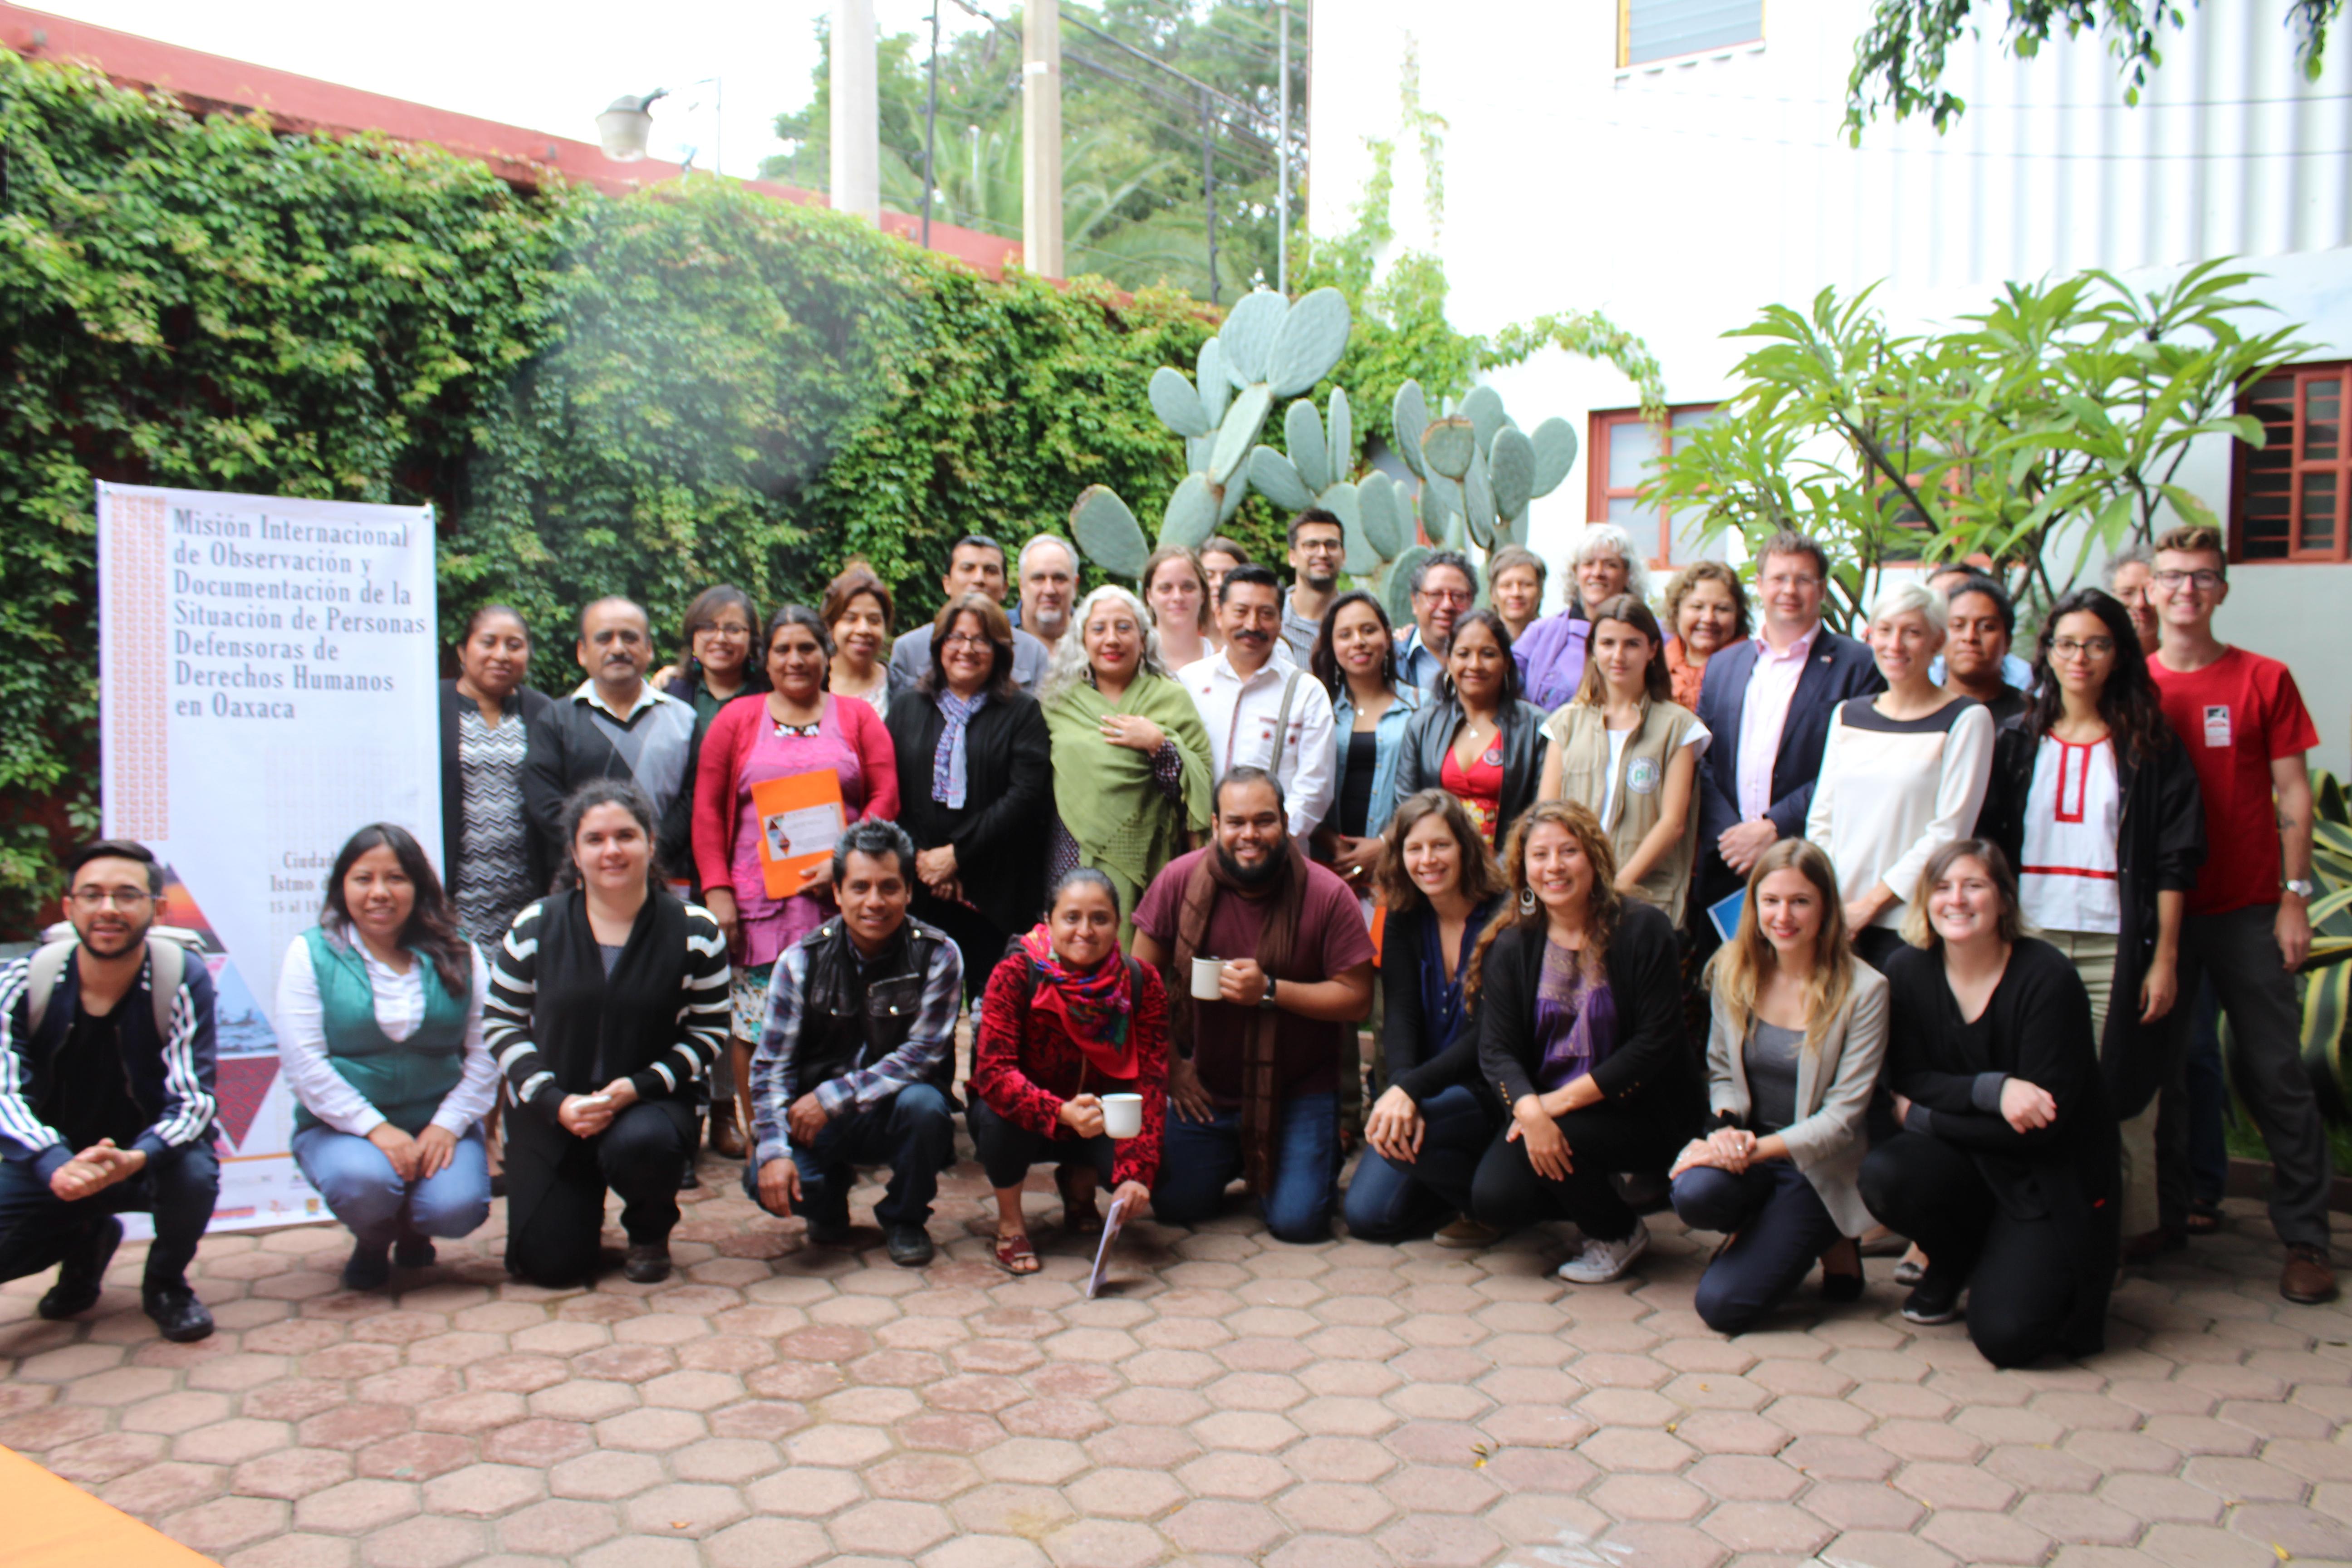 Inicia misión internacional de observación y documentación de la situación de personas defensoras de derechos humanos en Oaxaca